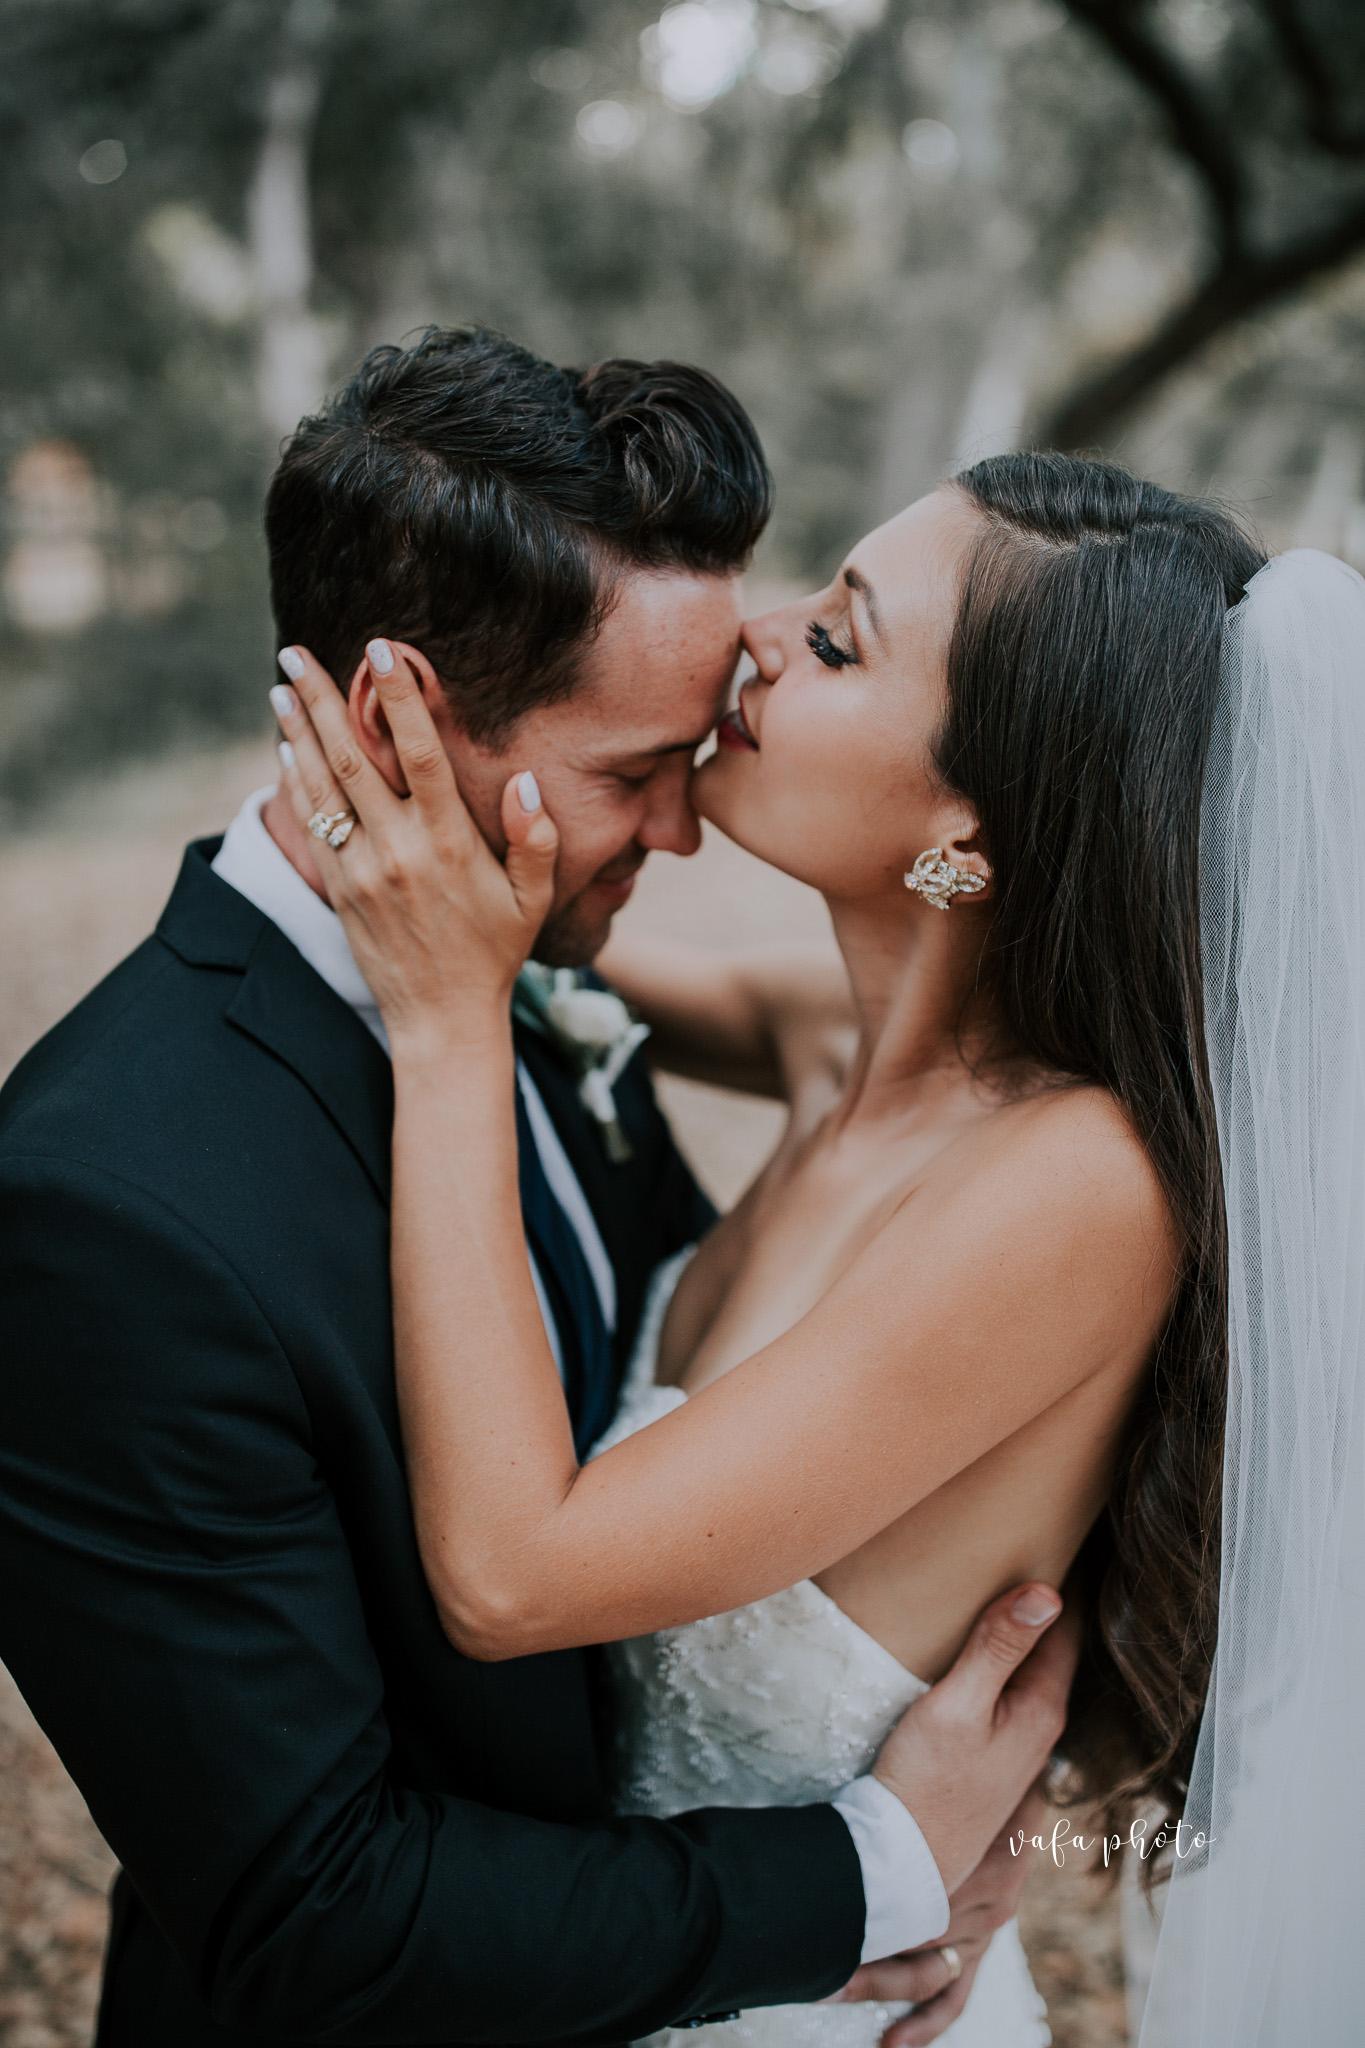 Southern-California-Wedding-Britt-Nilsson-Jeremy-Byrne-Vafa-Photo-556.jpg